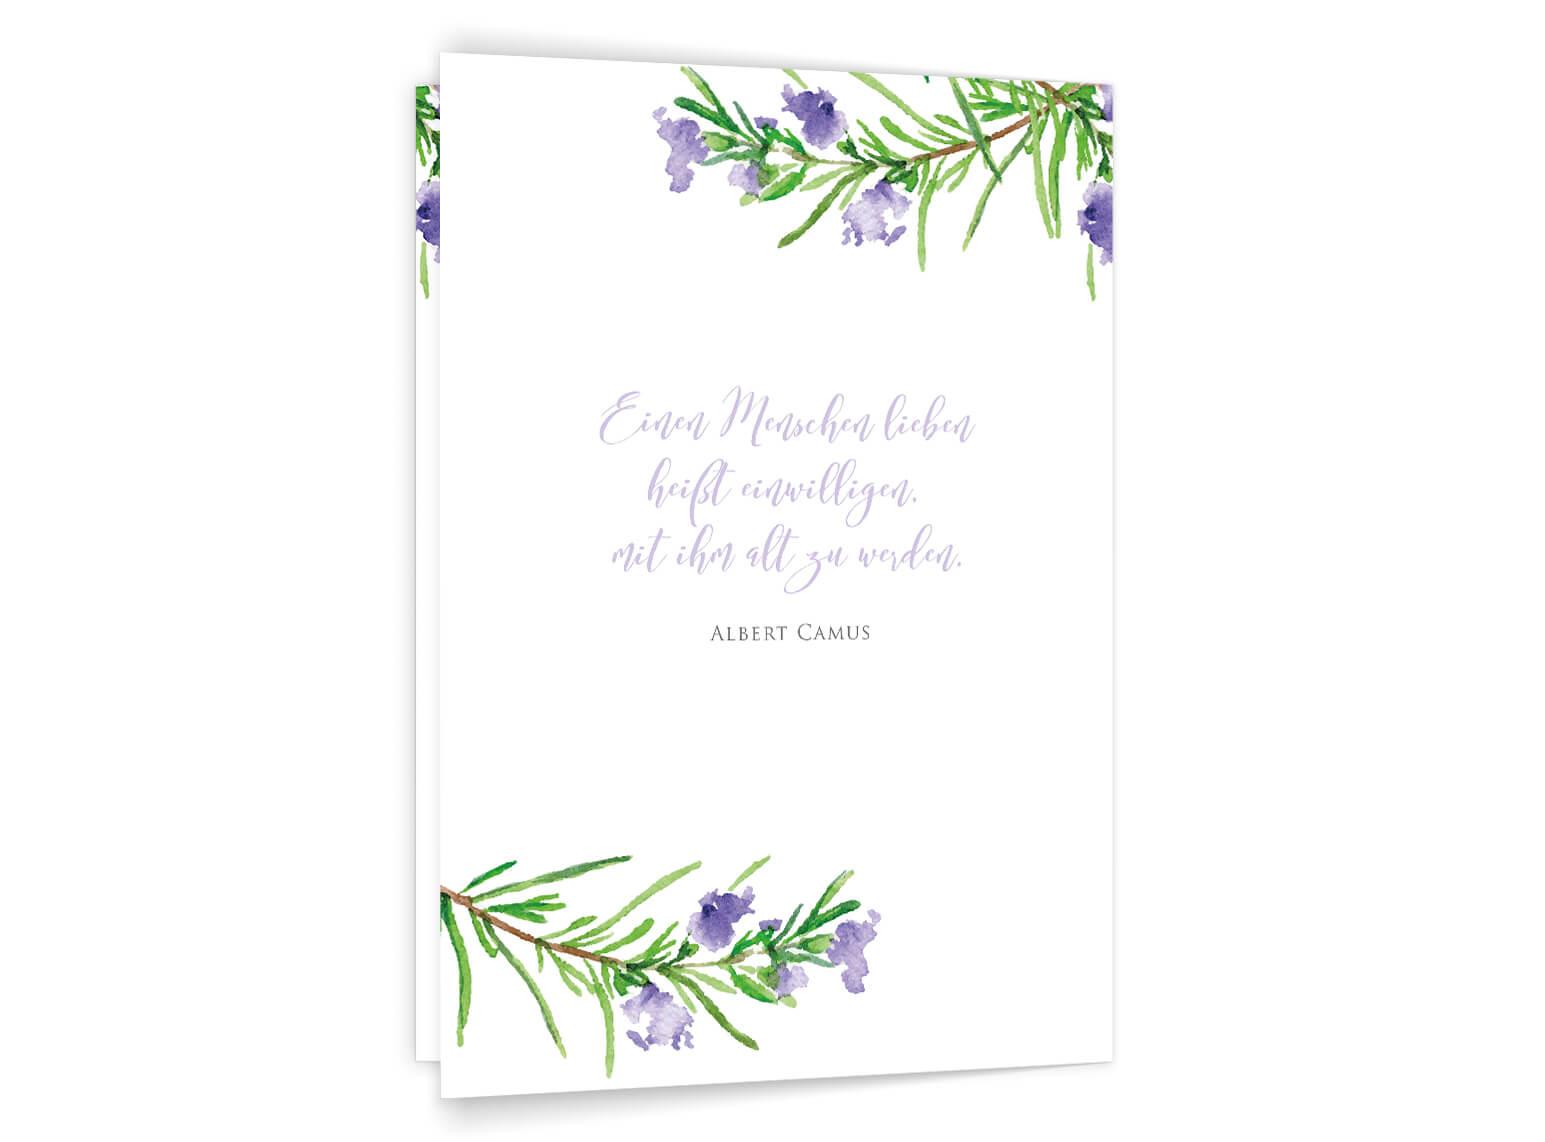 Kirchenheft-Umschlag Rosmarin Zweige Aqurell in grün und violet Rückseite